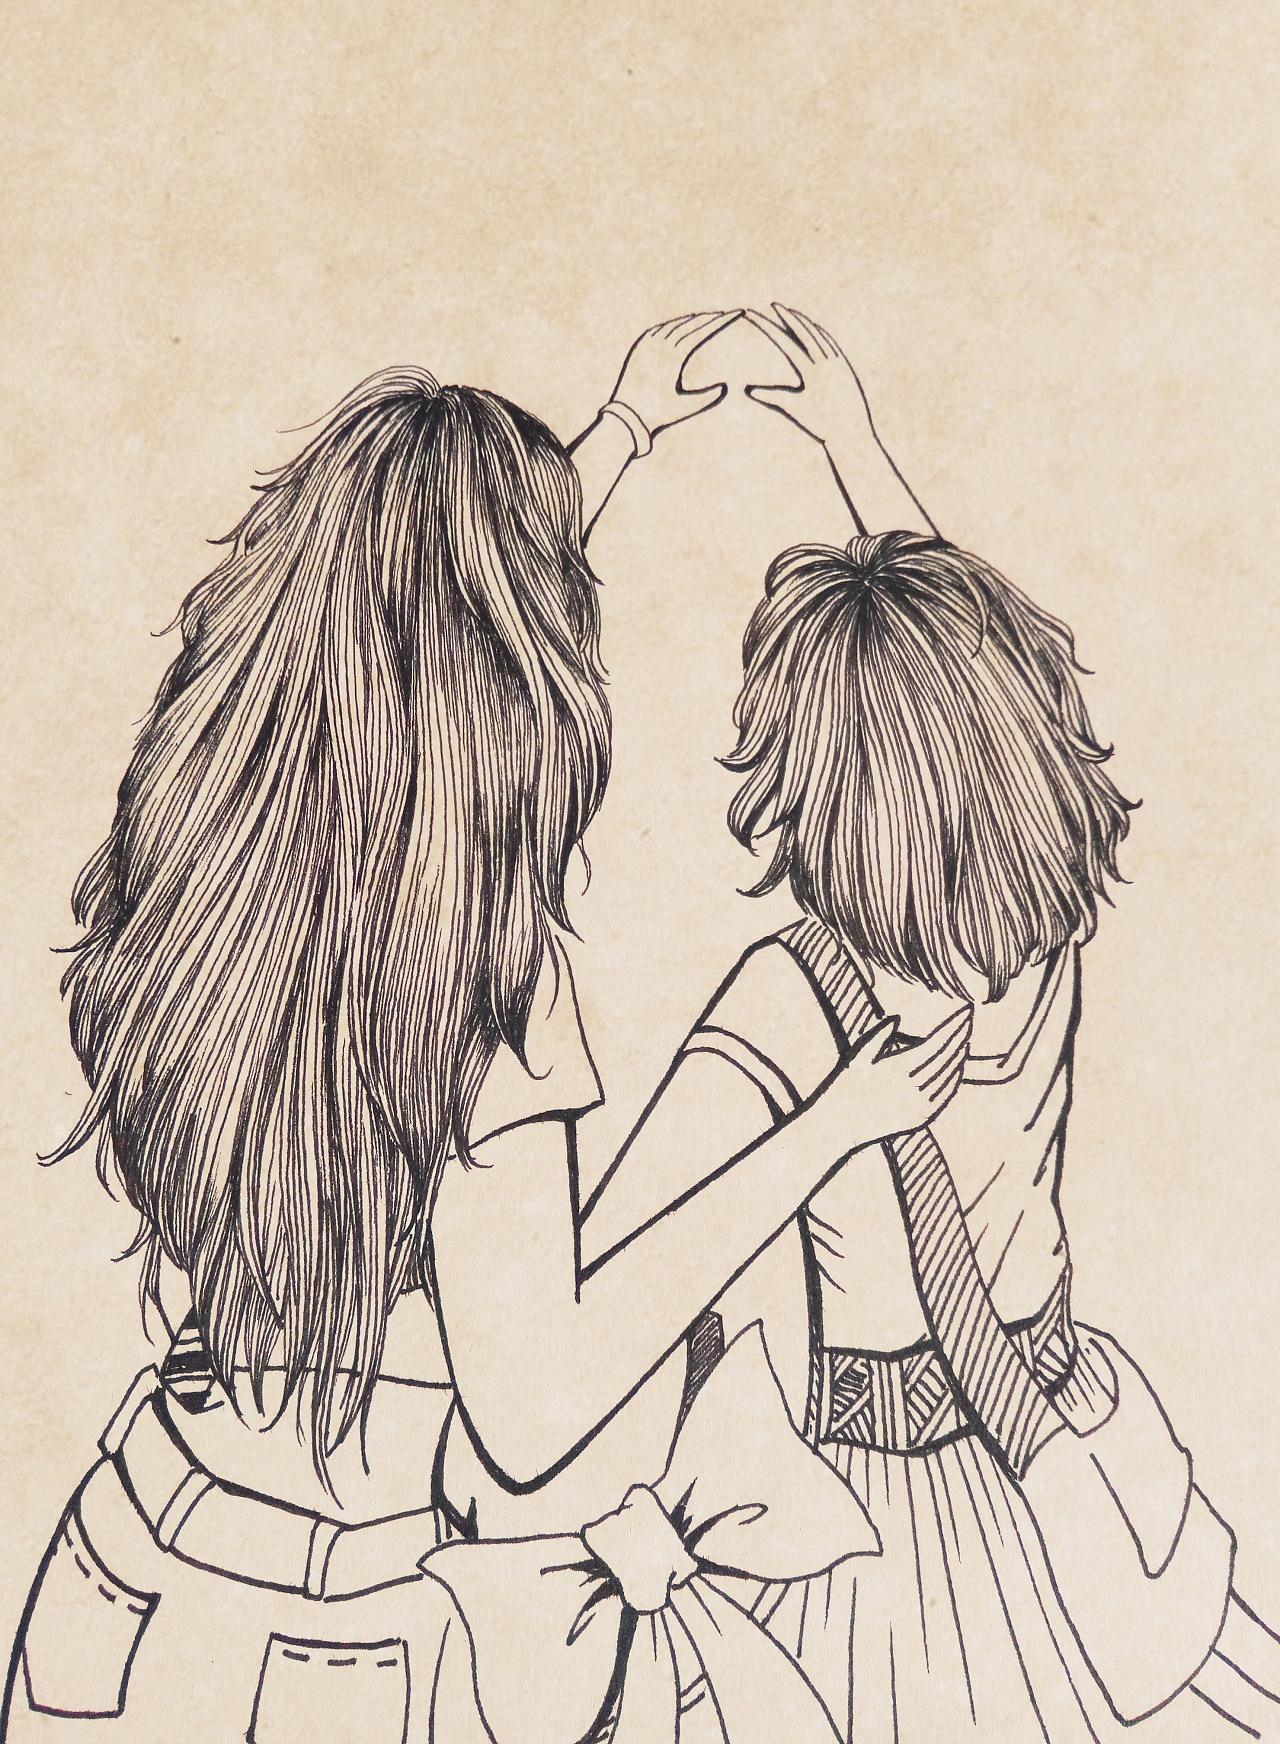 闺蜜简笔画二人手绘